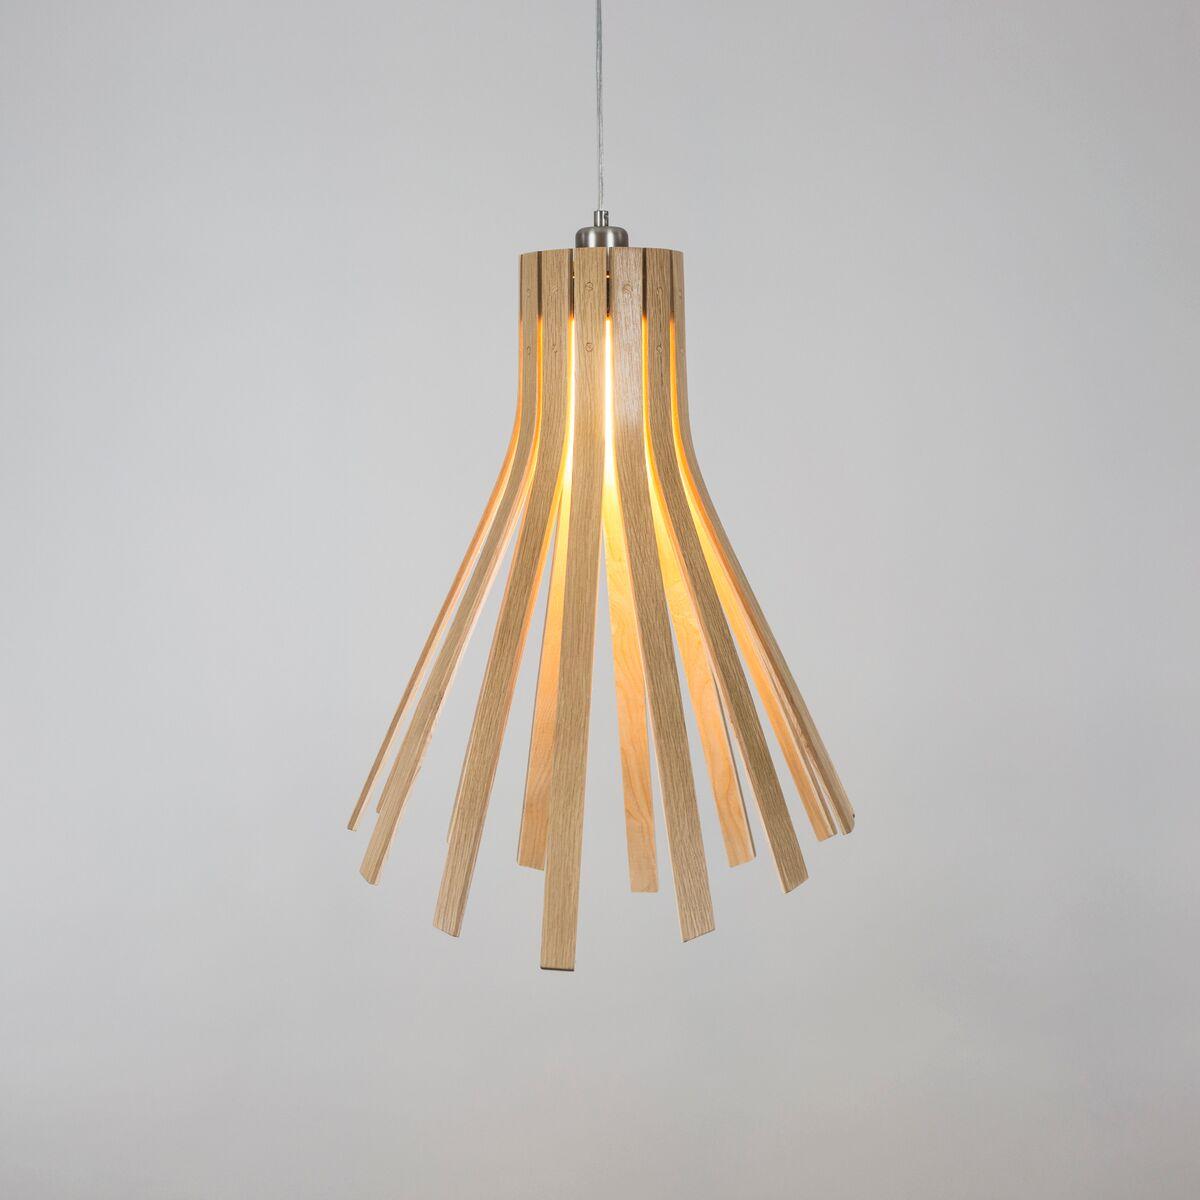 Подвесные светильники из дерева с минимум украшений - фото 1